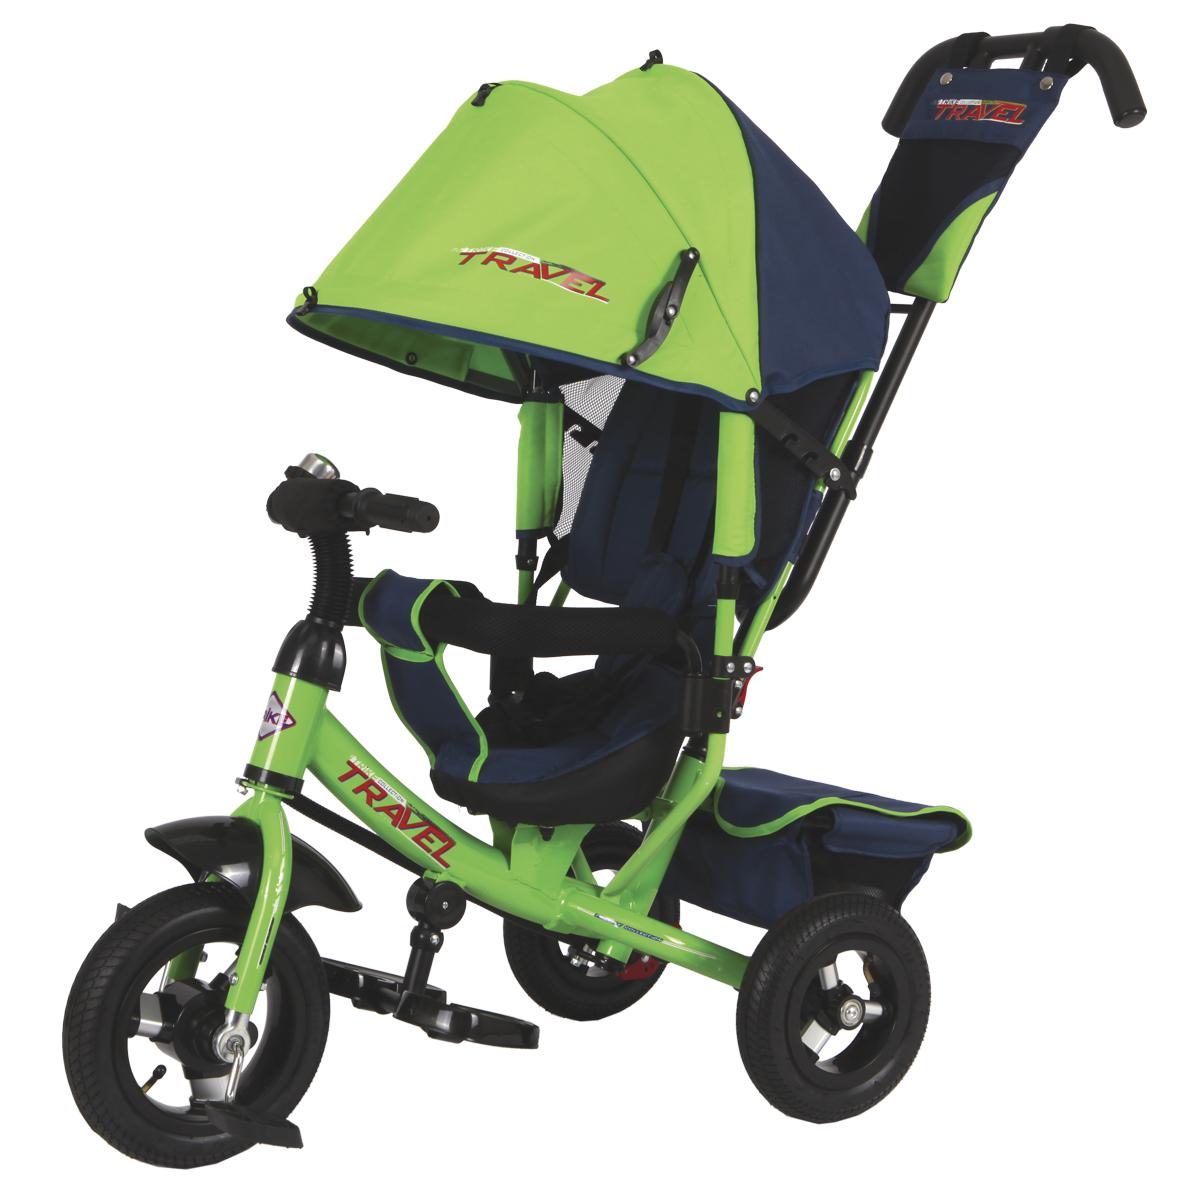 """Трехколесный велосипед """"Travel"""" подойдет для малышей, которые только осваивают этот вид транспорта. Катание на велосипеде положительно влияет на физическую форму ребенка и улучшает координацию движений. Данная модель детского велосипеда имеет съемную крышу, которая регулируется по высоте. Руль также изменяется по высоте. В этой модели предусмотрена подставка для ножек ребенка. Ребенок может держаться как за руль так и за специальный бортик, обитый мягкой тканью, который поможет ему удержаться на месте.Свободный ход колеса поможет маме легко управляться с велосипедом на прогулке. В корзине велосипеда удобно носить с собой необходимые на прогулке детские вещи. В конструкции велосипеда предусмотрен тормоз и наклон спинки сиденья.Надувные шины 10"""" и 8"""" в диаметре."""